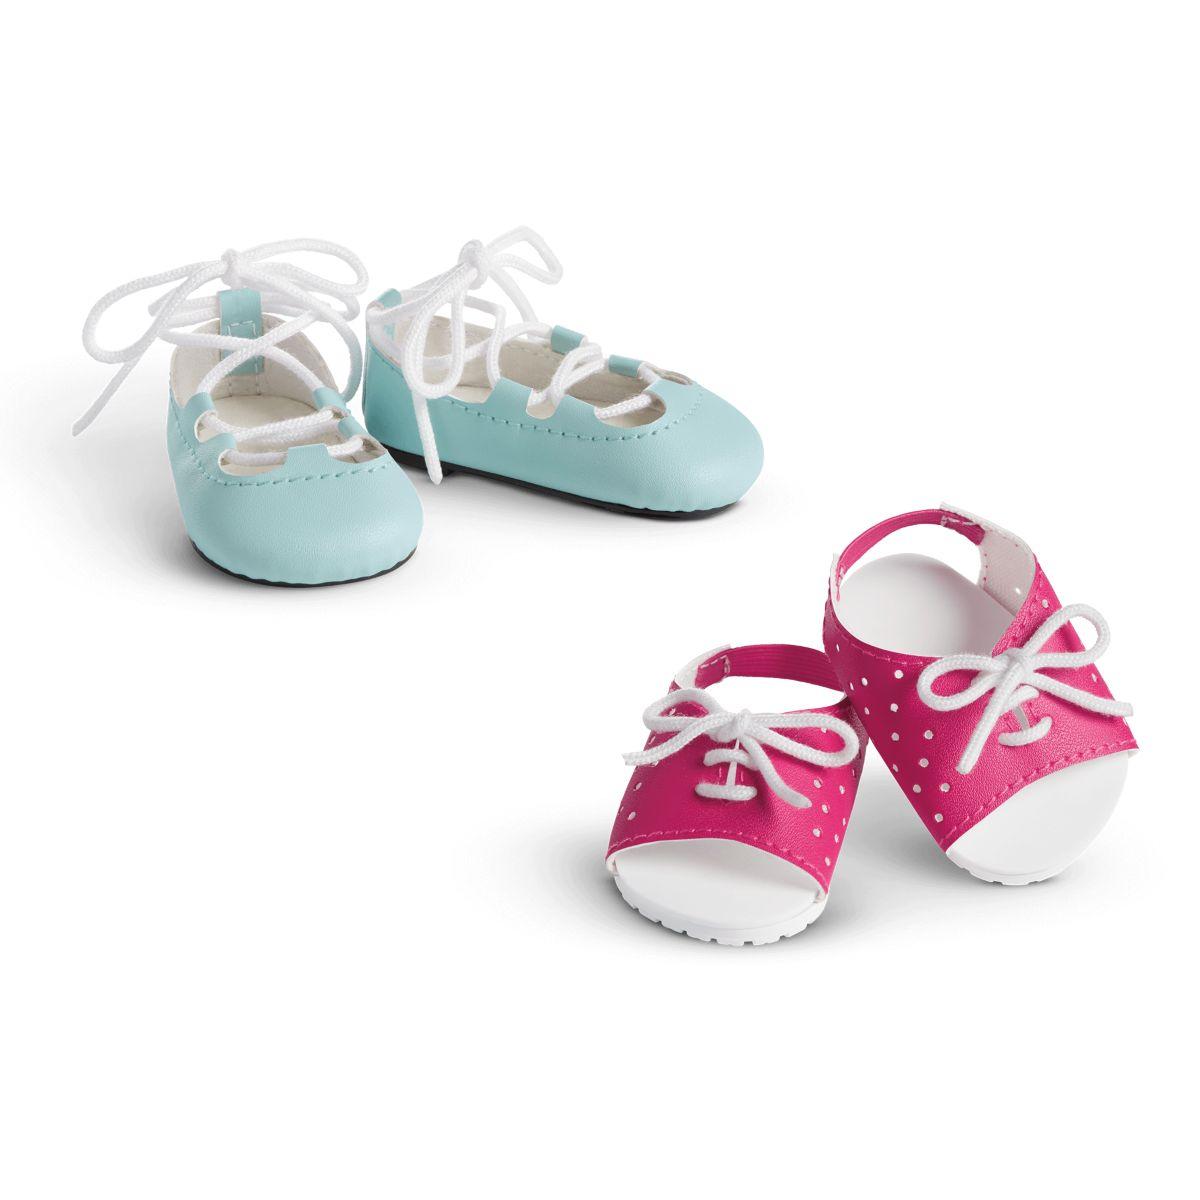 Sandals and Flats Set